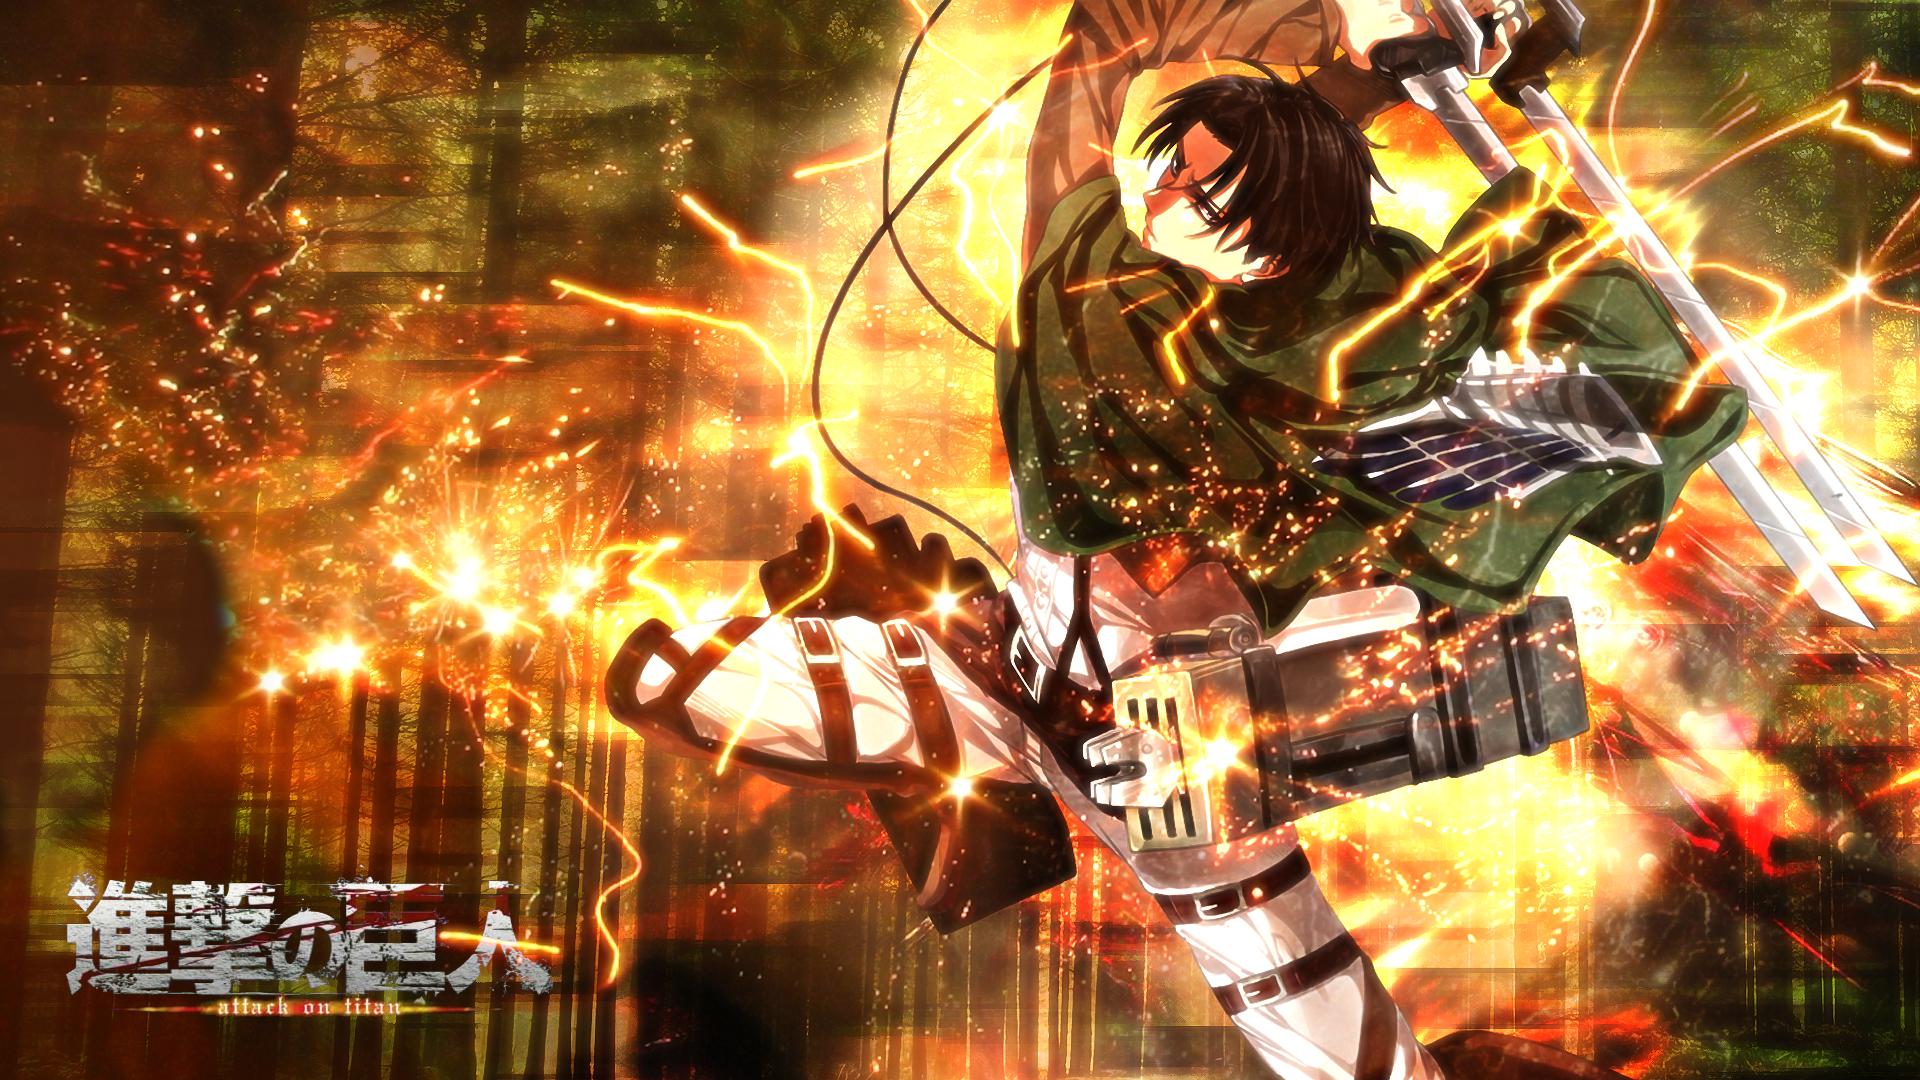 Levi Attack On Titan Wallpaper Attack On Titan Attack On Titan Levi Anime Wallpaper